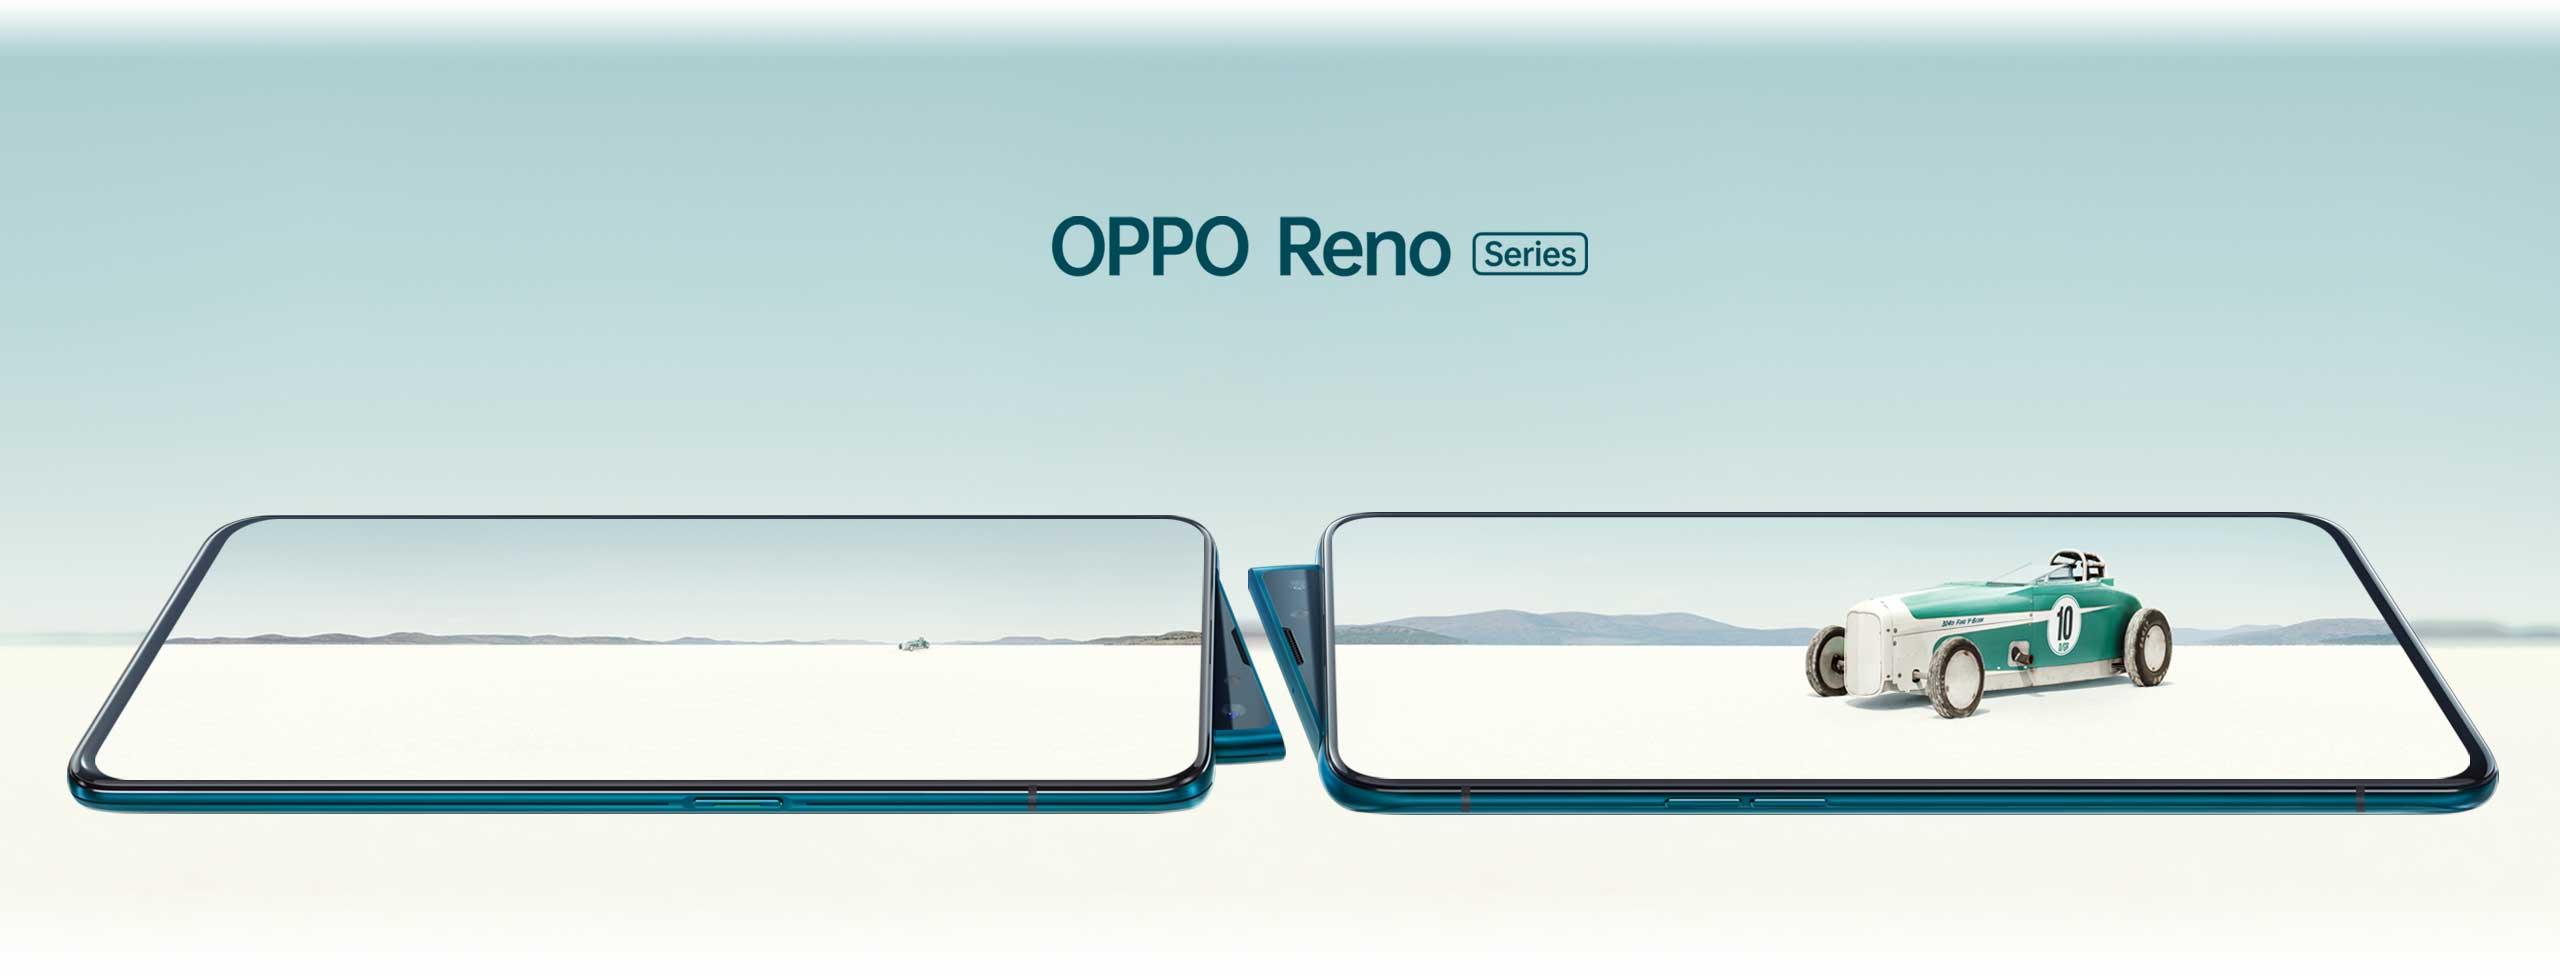 OPPO Reno: Smartphone sinh ra để truyền cảm hứng cho giới trẻ đam mê sáng tạo - 8